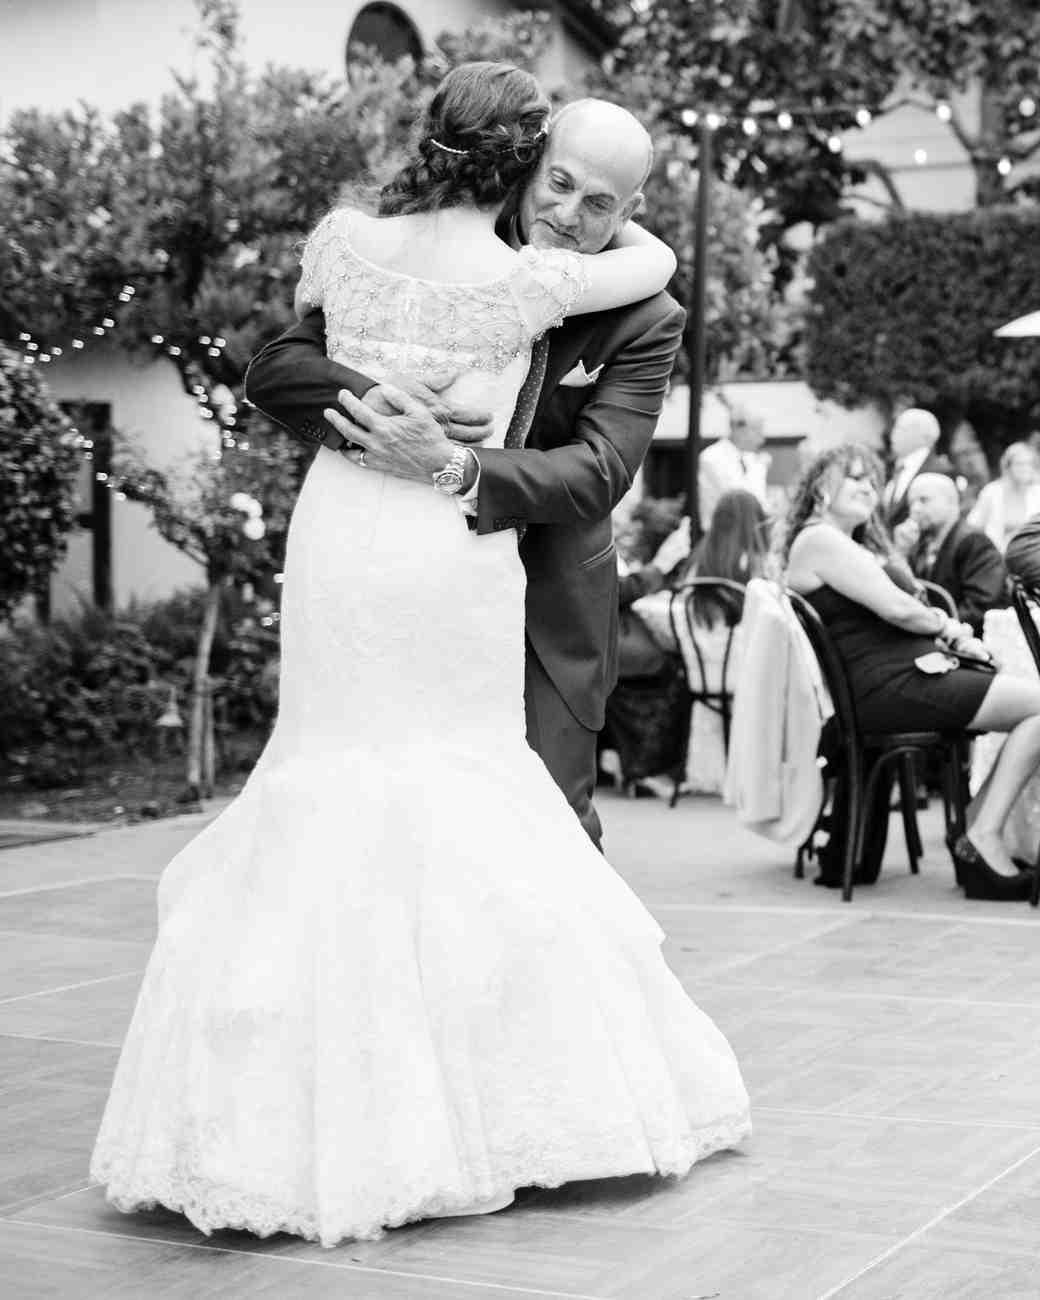 richelle-tom-wedding-dad-dance-852bw-s112855-0416.jpg